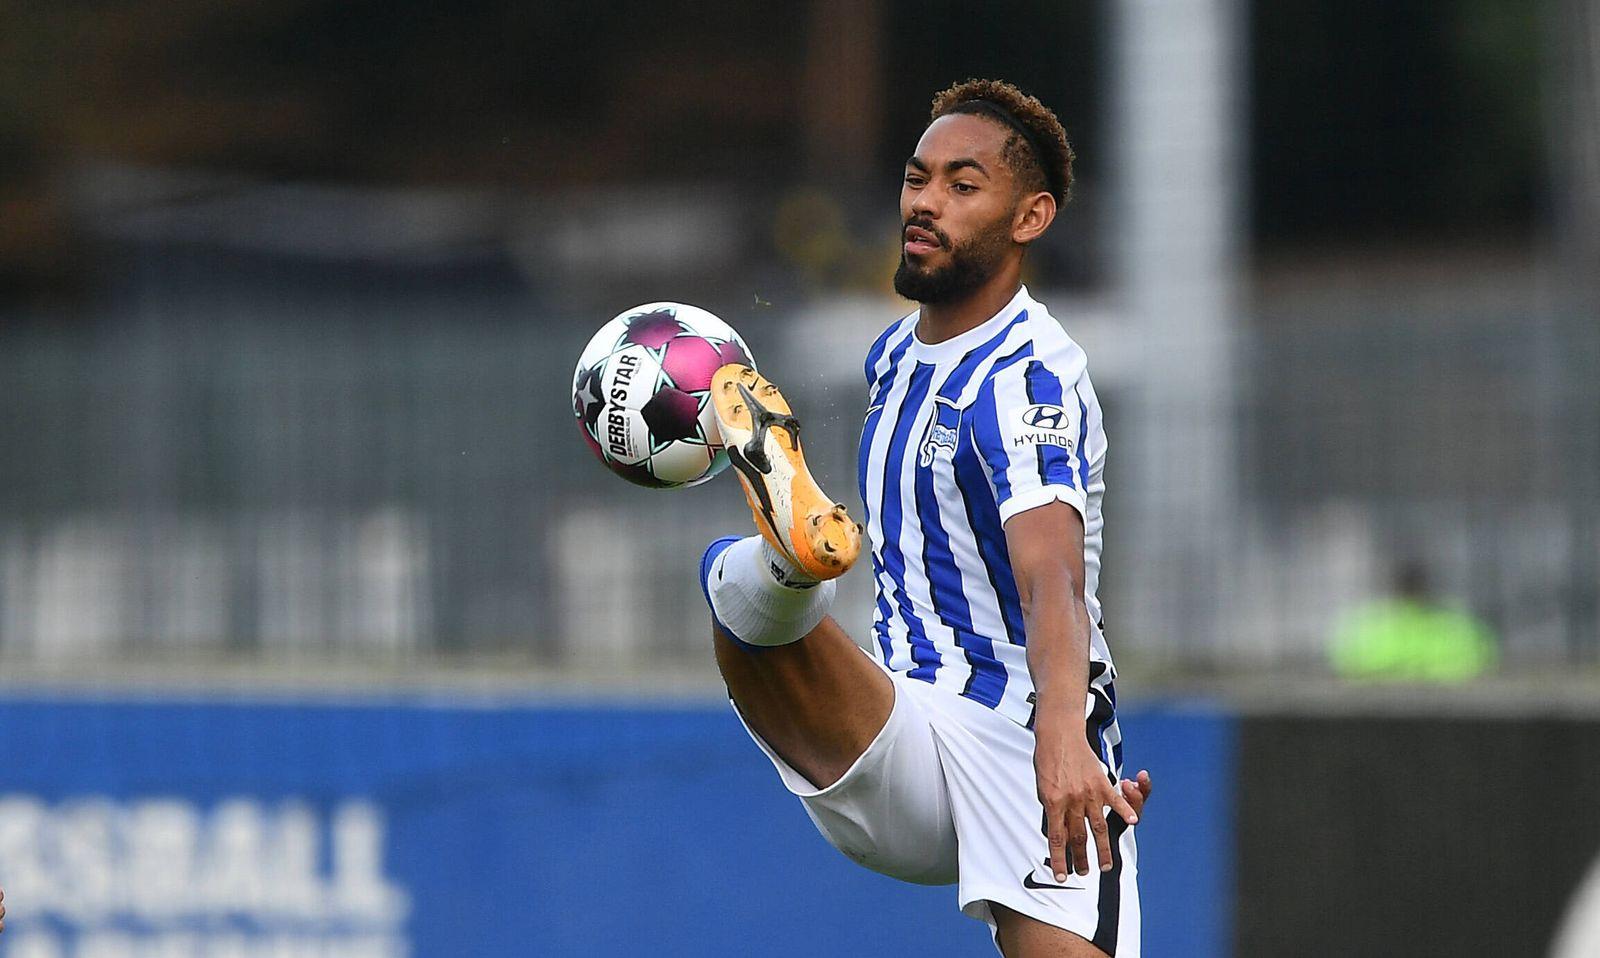 Matheus Cunha (Hertha BSC) am Ball Hertha BSC Berlin - Viktoria Köln Saison 2020/2021, Freundschaftsspiel, Vorbereitung